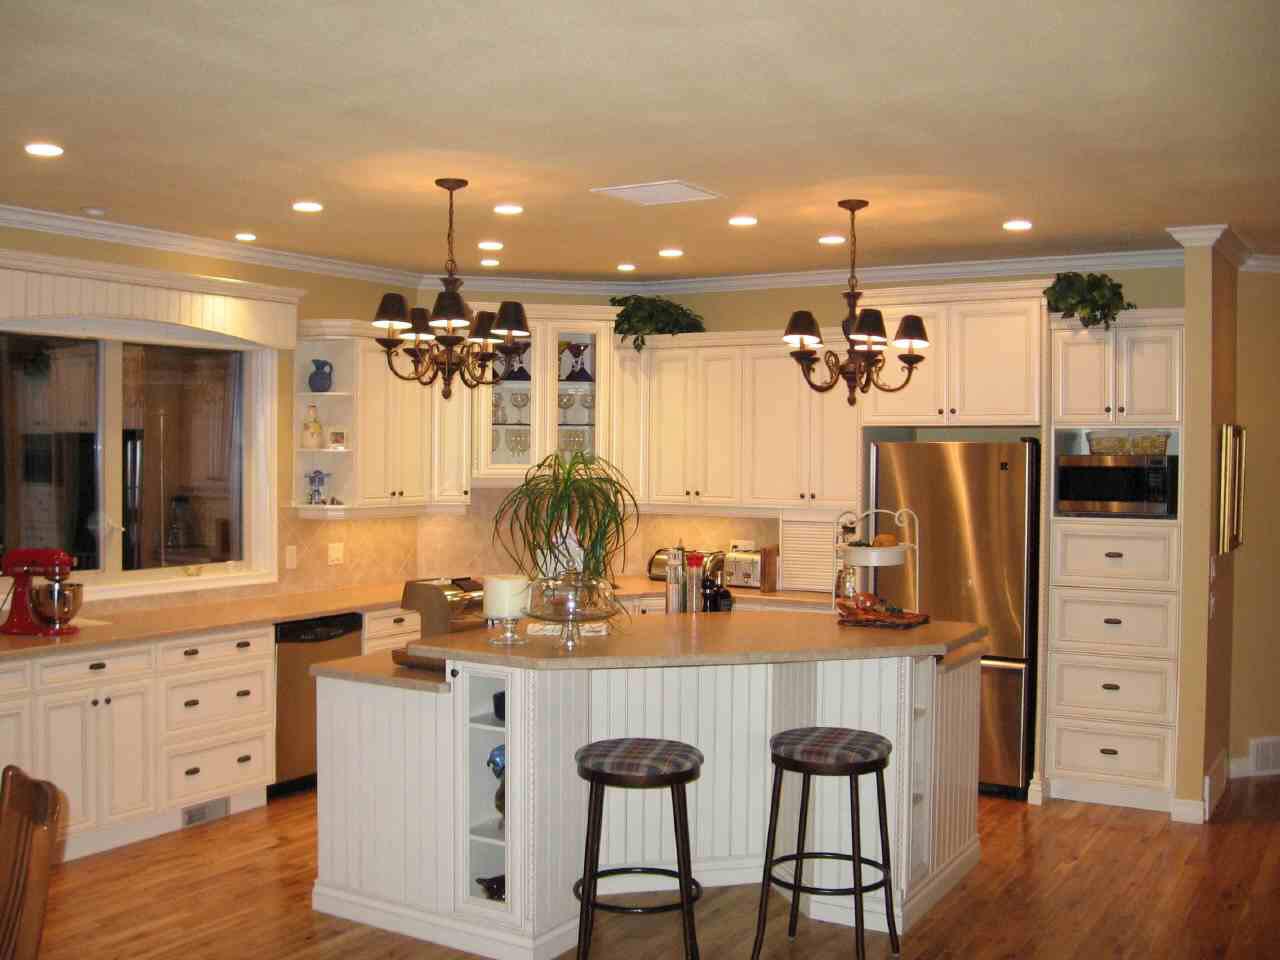 blanc id es de conception de cuisine design interieur france. Black Bedroom Furniture Sets. Home Design Ideas